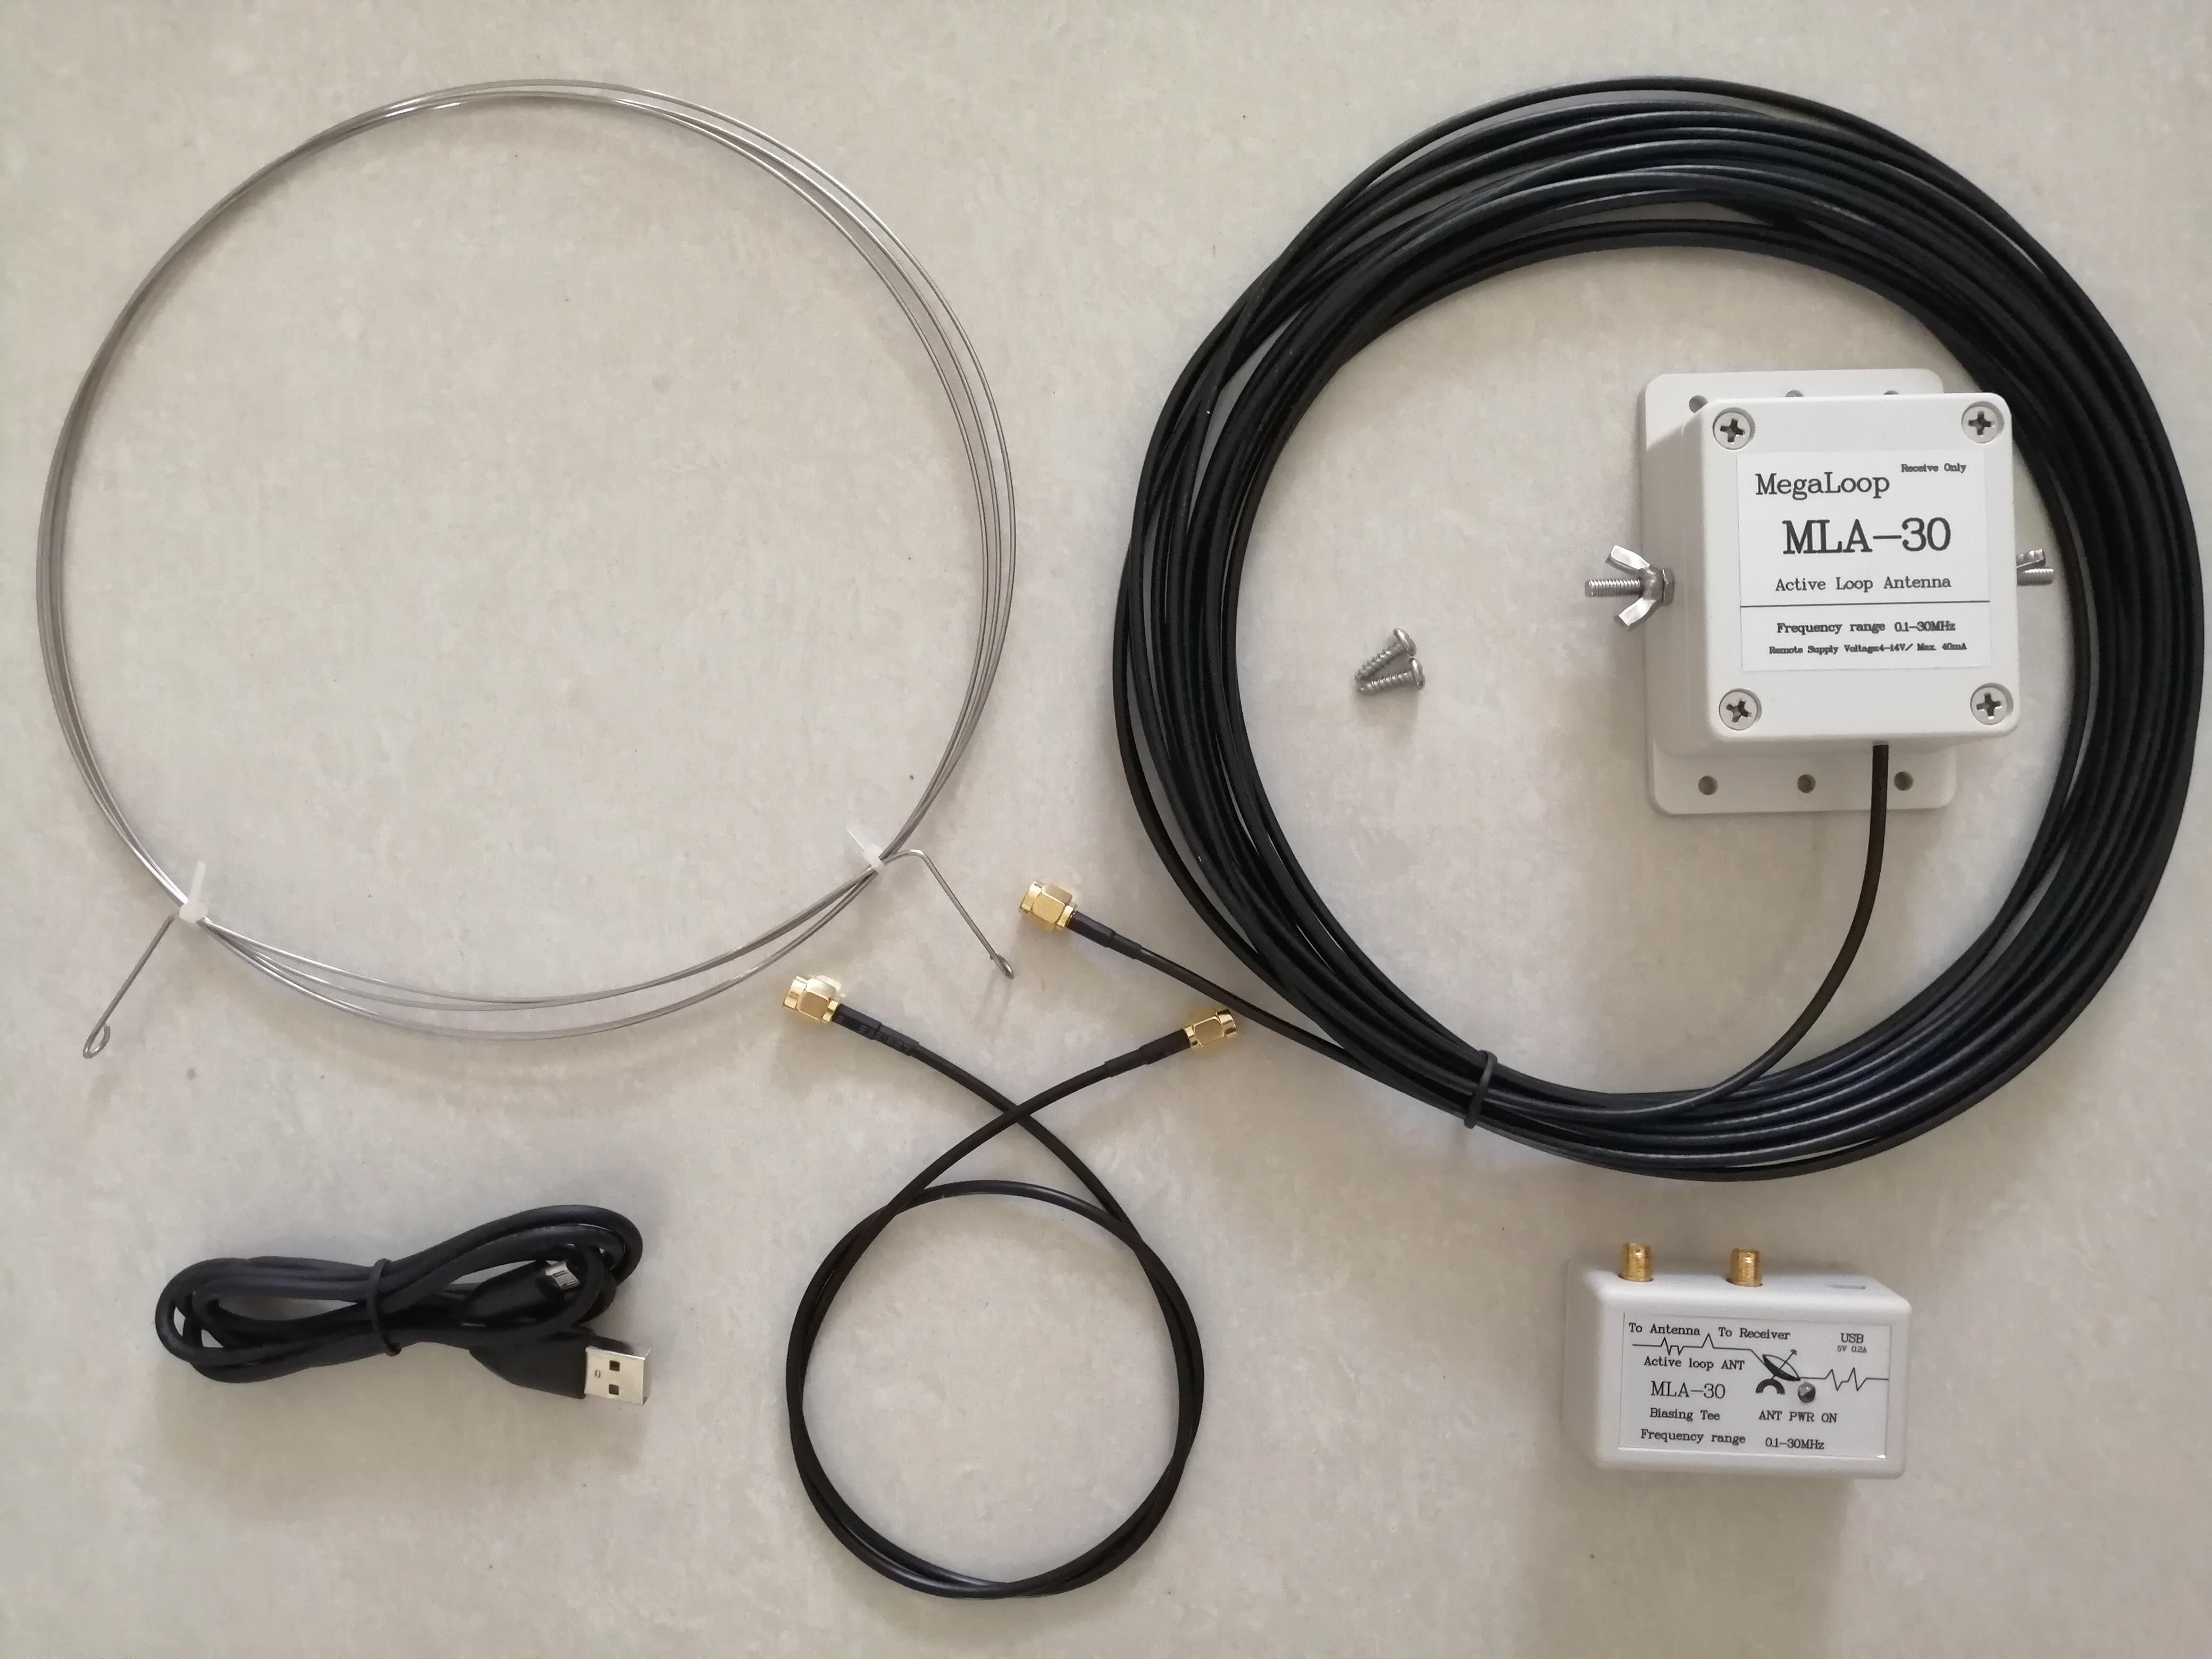 أحدث نسخة MLA-30 حلقة هوائي نشط هوائي الاستقبال 100kHz - 30MHz ل الخنزير راديو